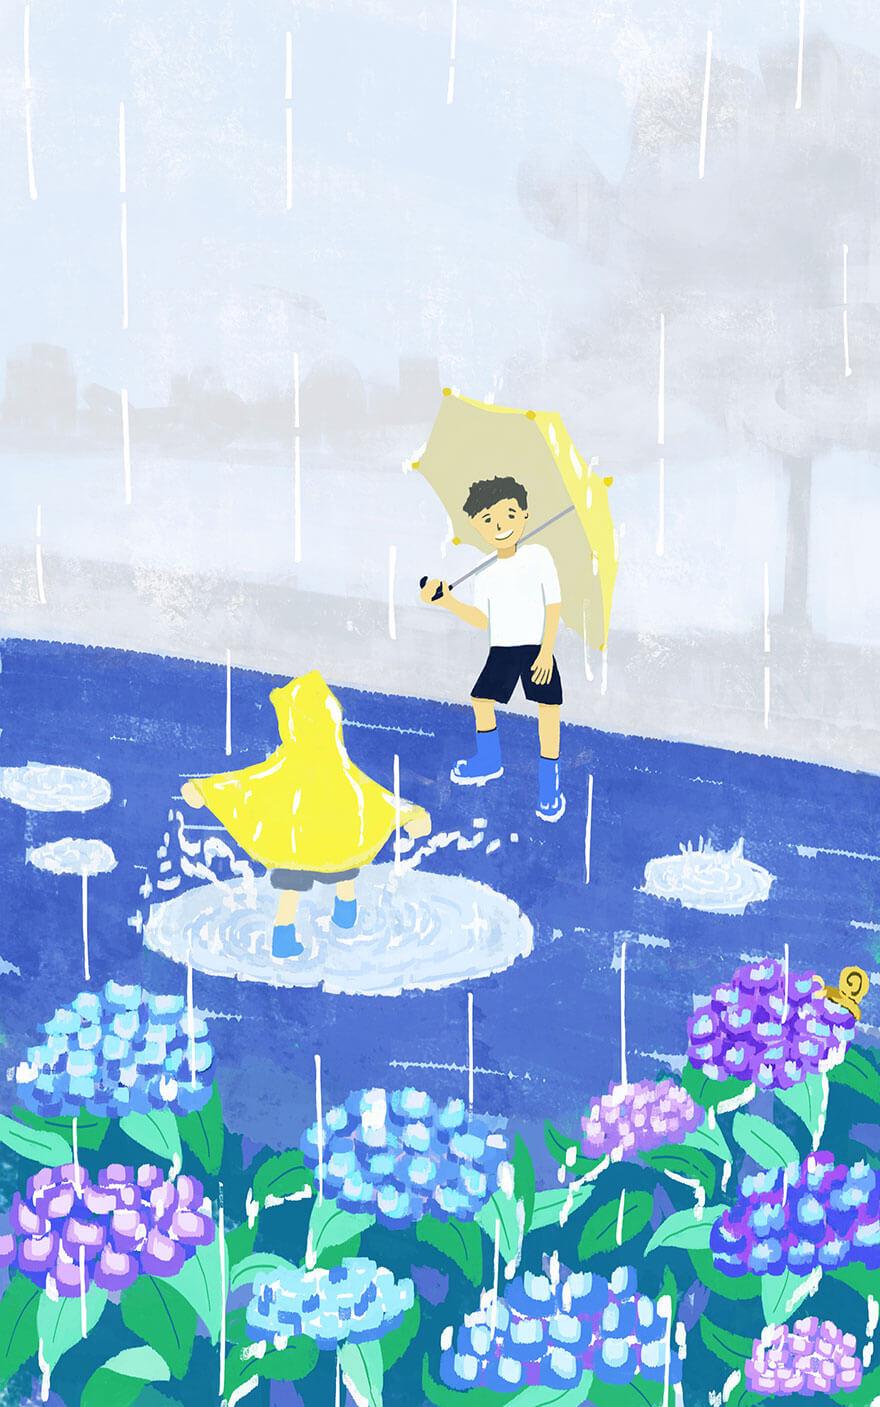 梅雨のイメージイラスト